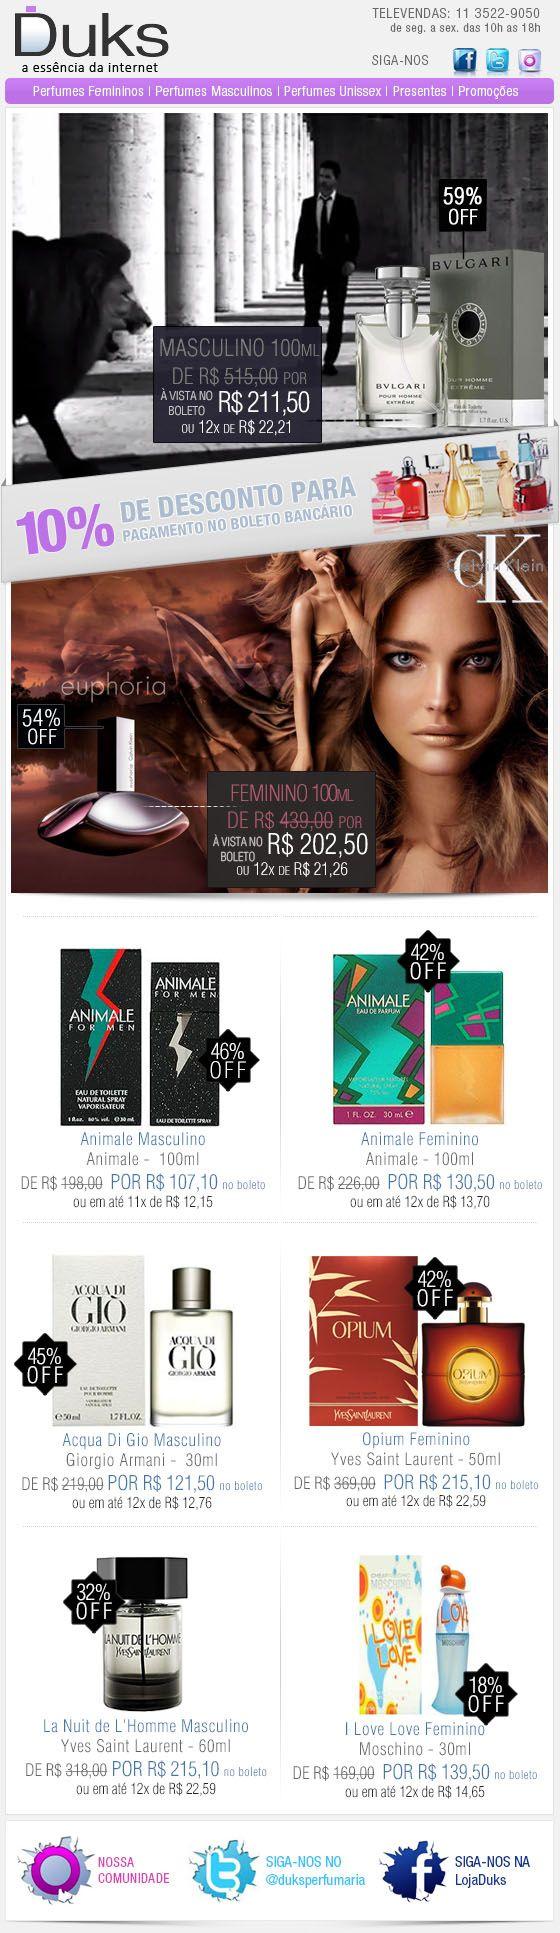 E-mail Marketing Duks Perfumes Promoção 11/01/2013 http://www.duks.com.br/sistema/custom.asp?IDLoja=11220&arq=emkt_01_11.htm&int=1&origem=emailmkt